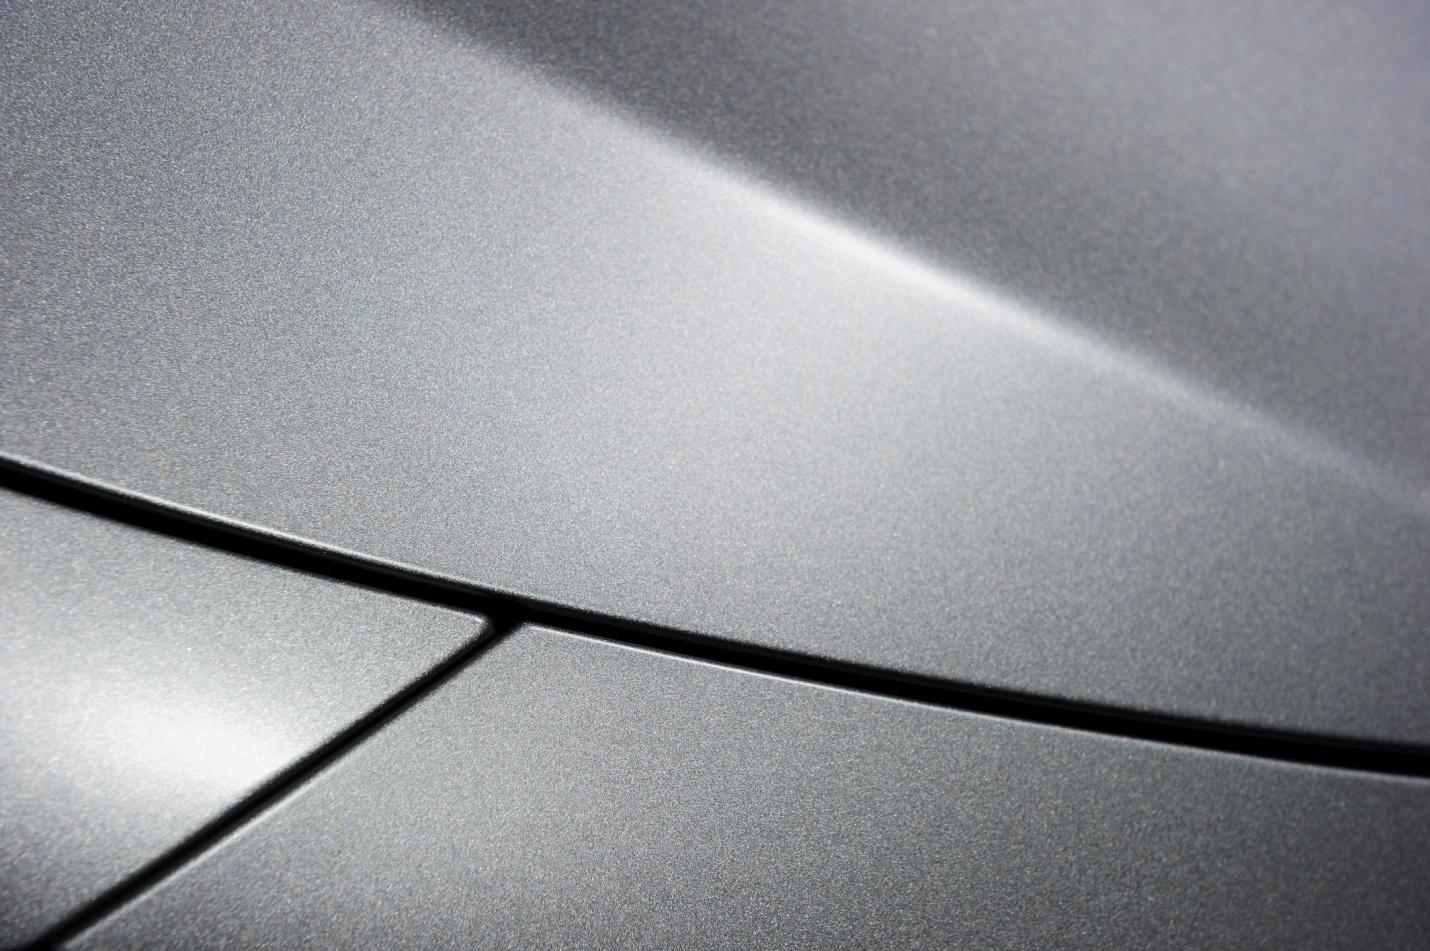 Ce qu'il faut savoir sur les fabricants d'équipement d'origine pour les conseillers en carrosserie